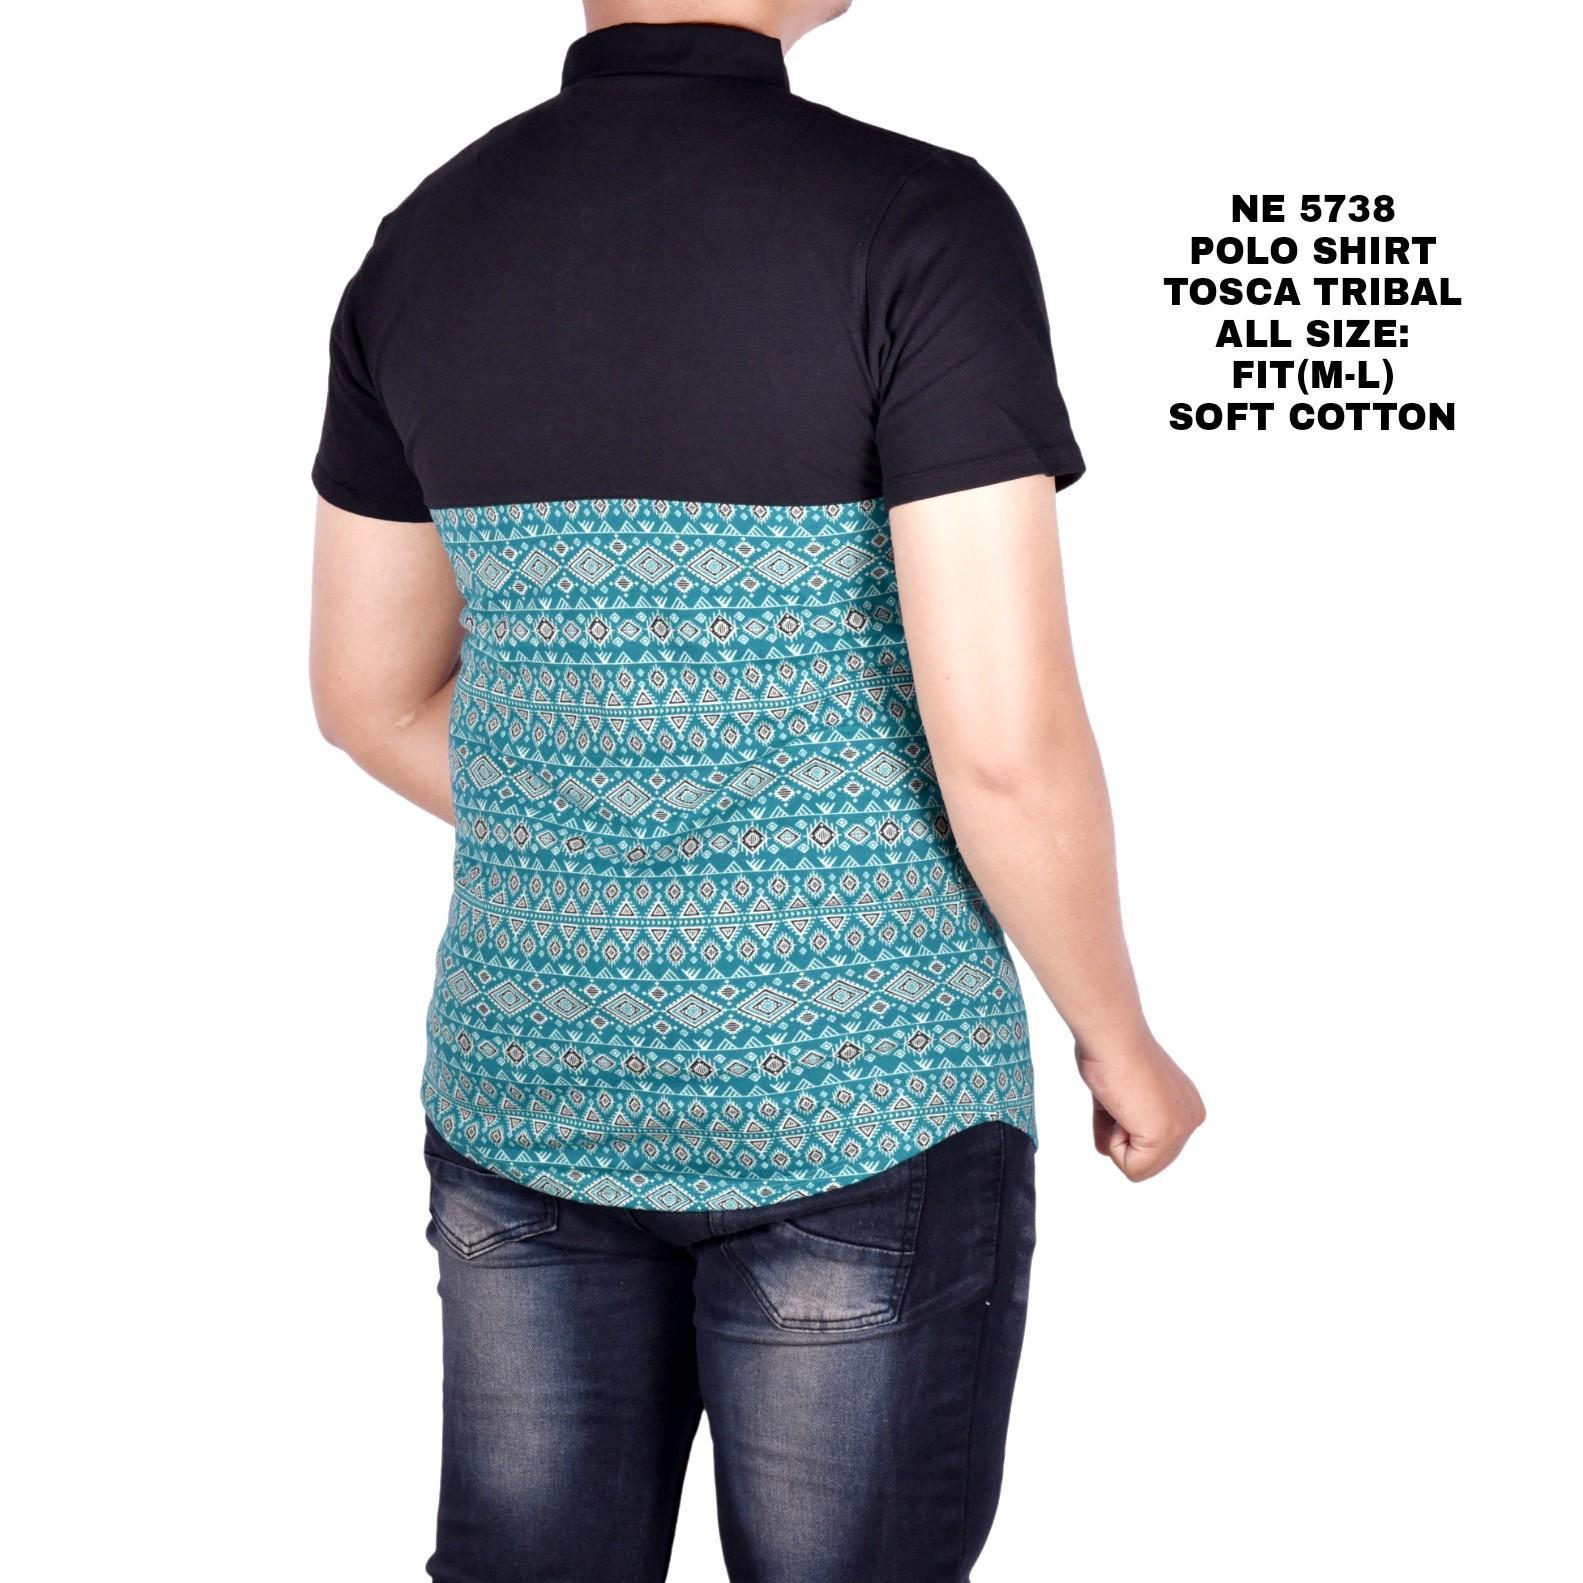 Detail Gambar Bsg Fashion1 Polo Kaos Pria Kaos Lengan Pendek Kaos Pria Kaos Polo Kaos Casual Polo Kaos Kaos Man Kaos Polo Polo Distro Hijau kaos polo pria